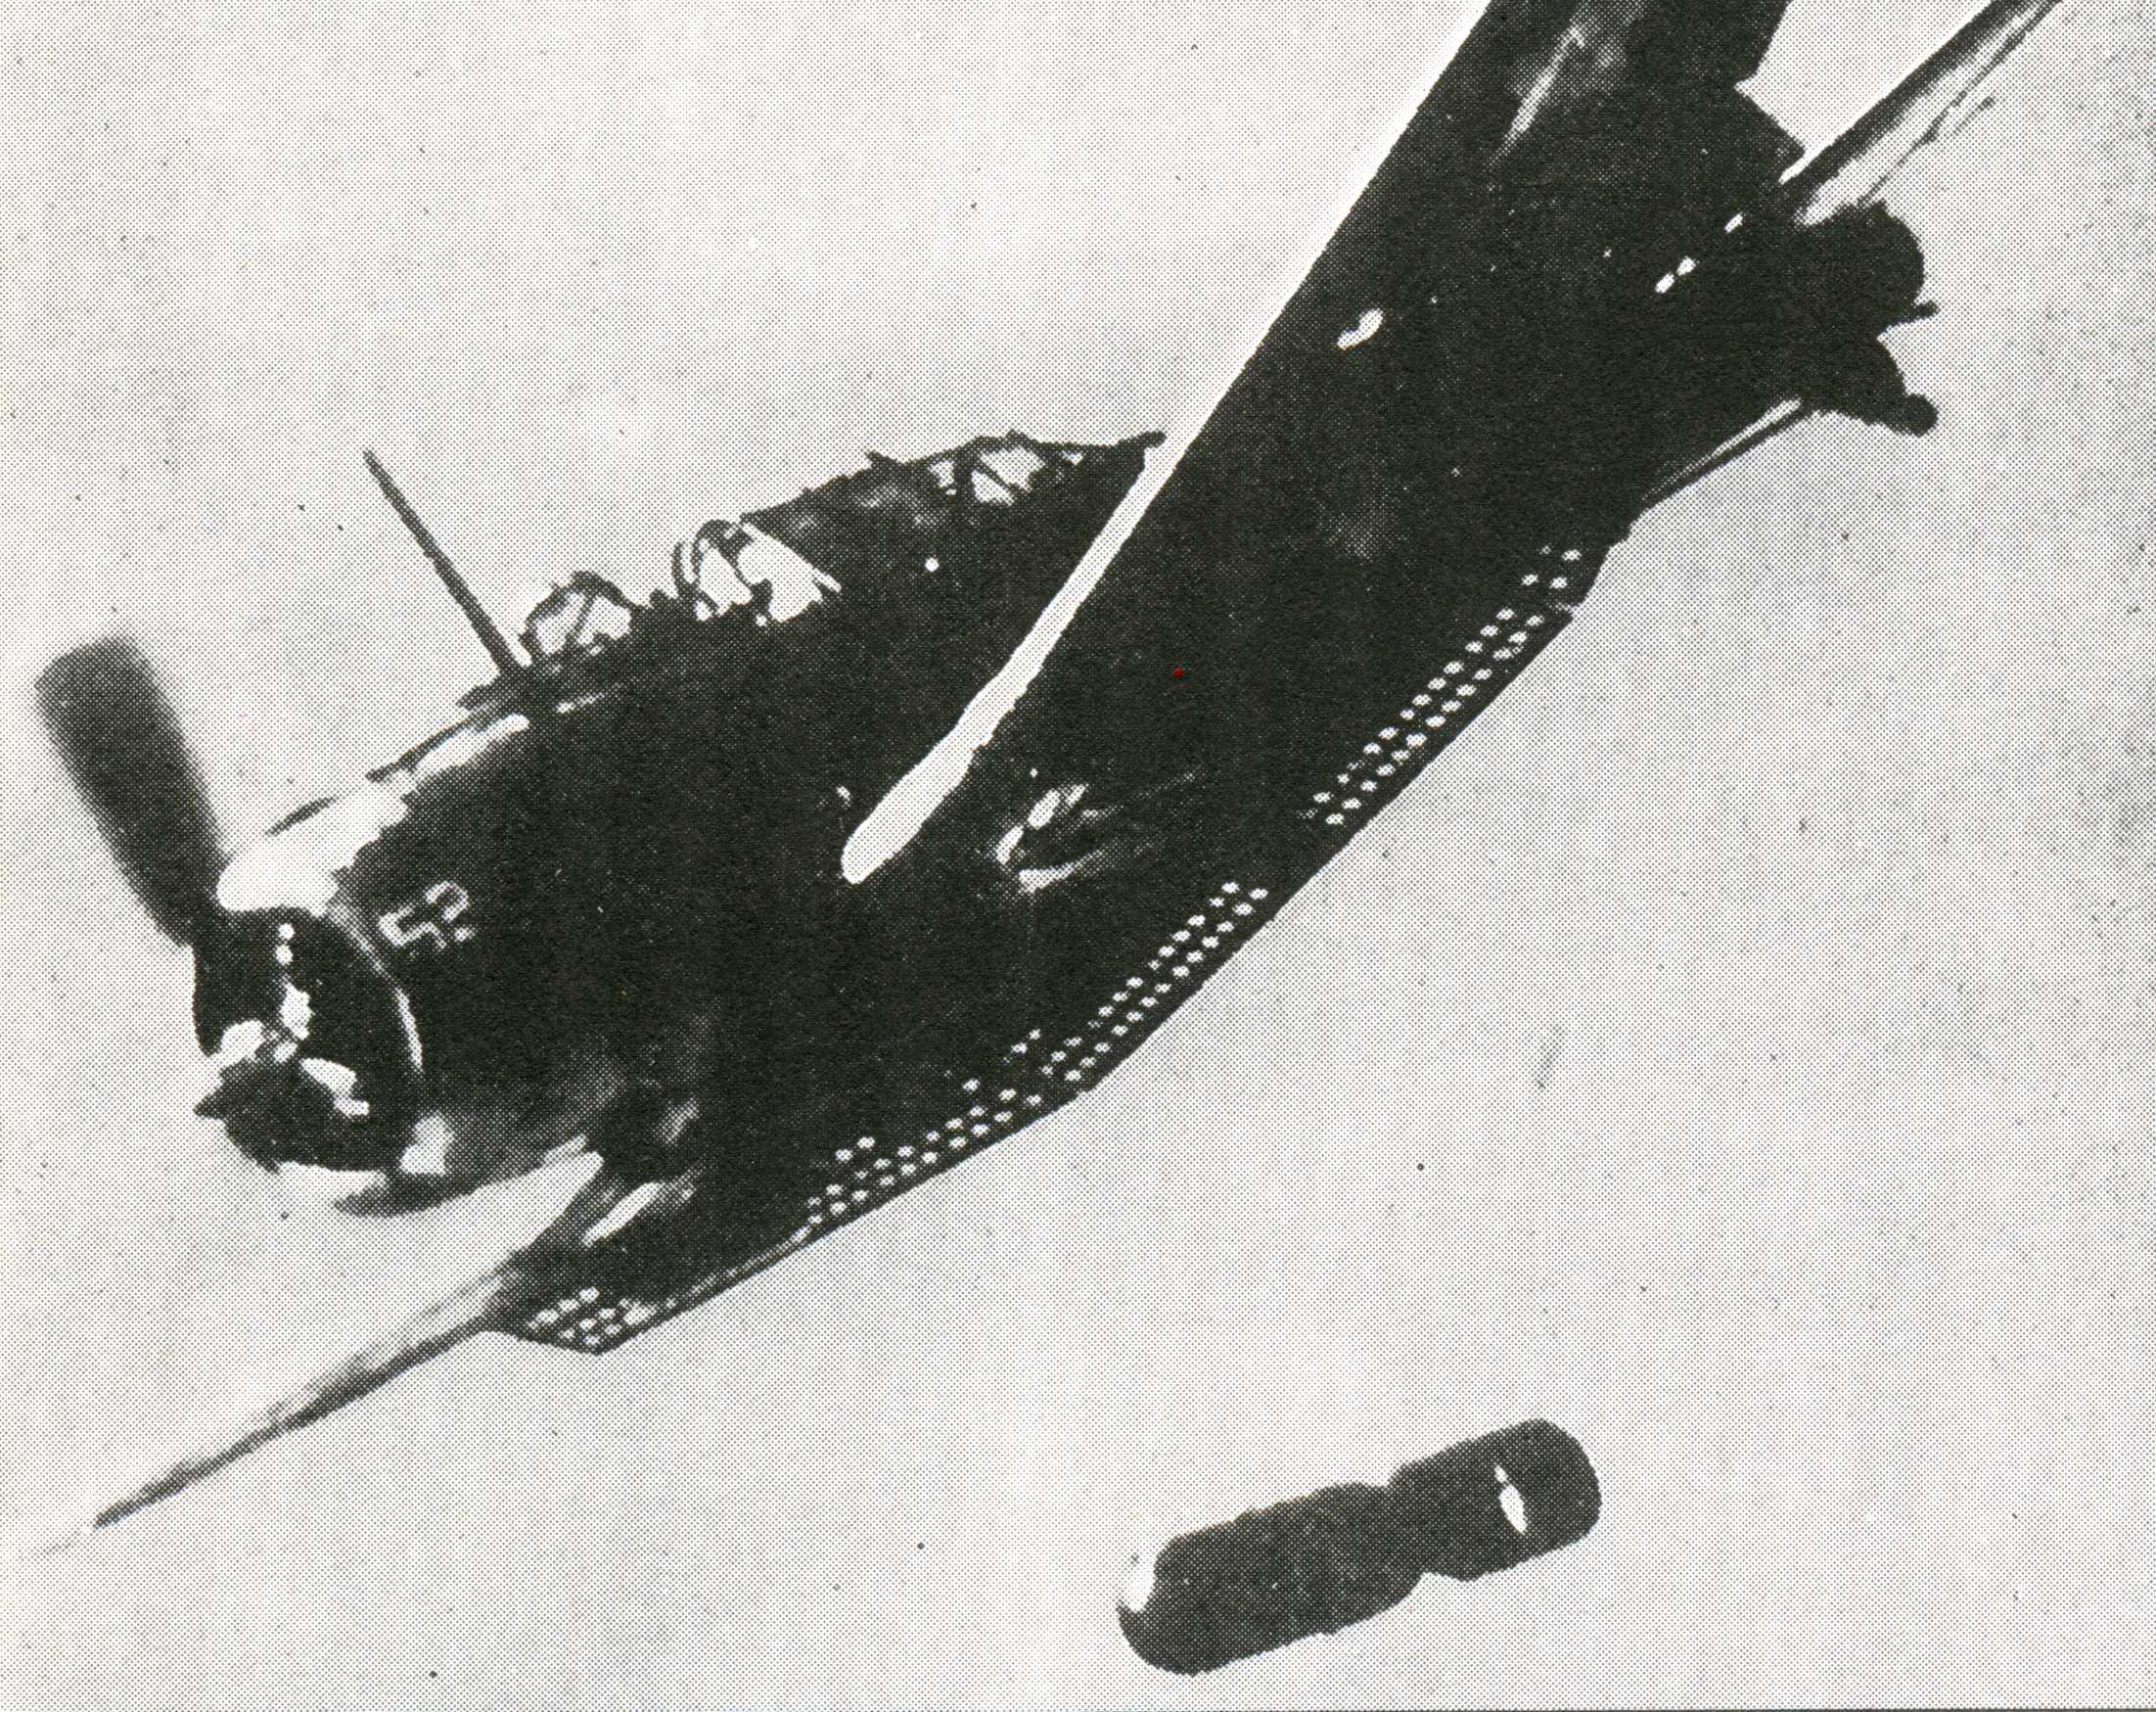 開戦前から存在していた<br />兵装転換の危険性